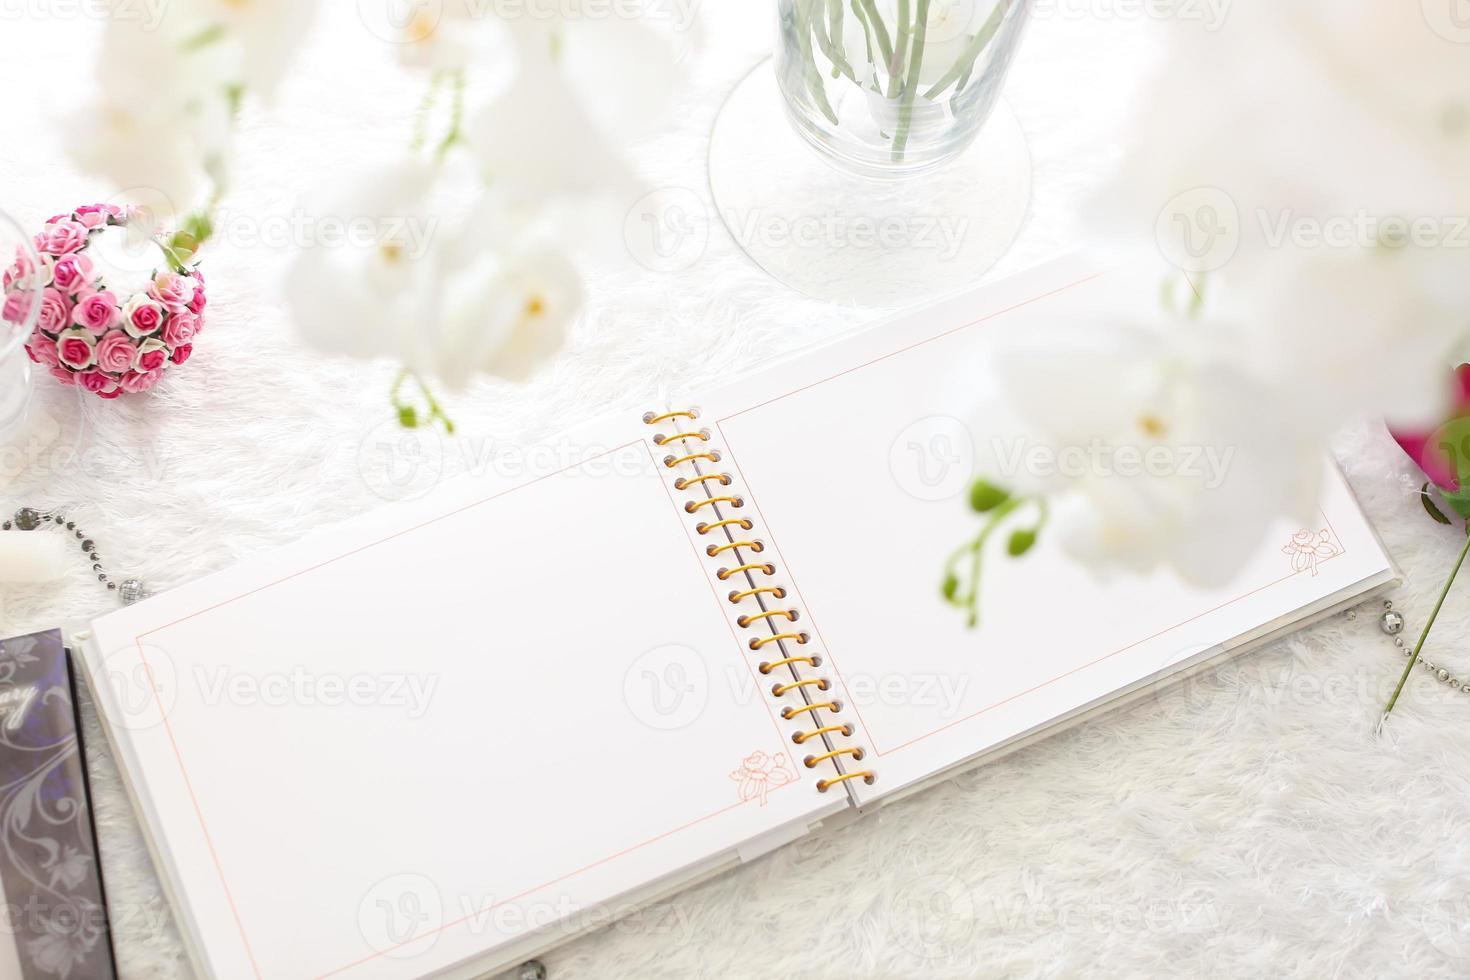 leeres Notizbuch auf einem weißen Holztisch foto